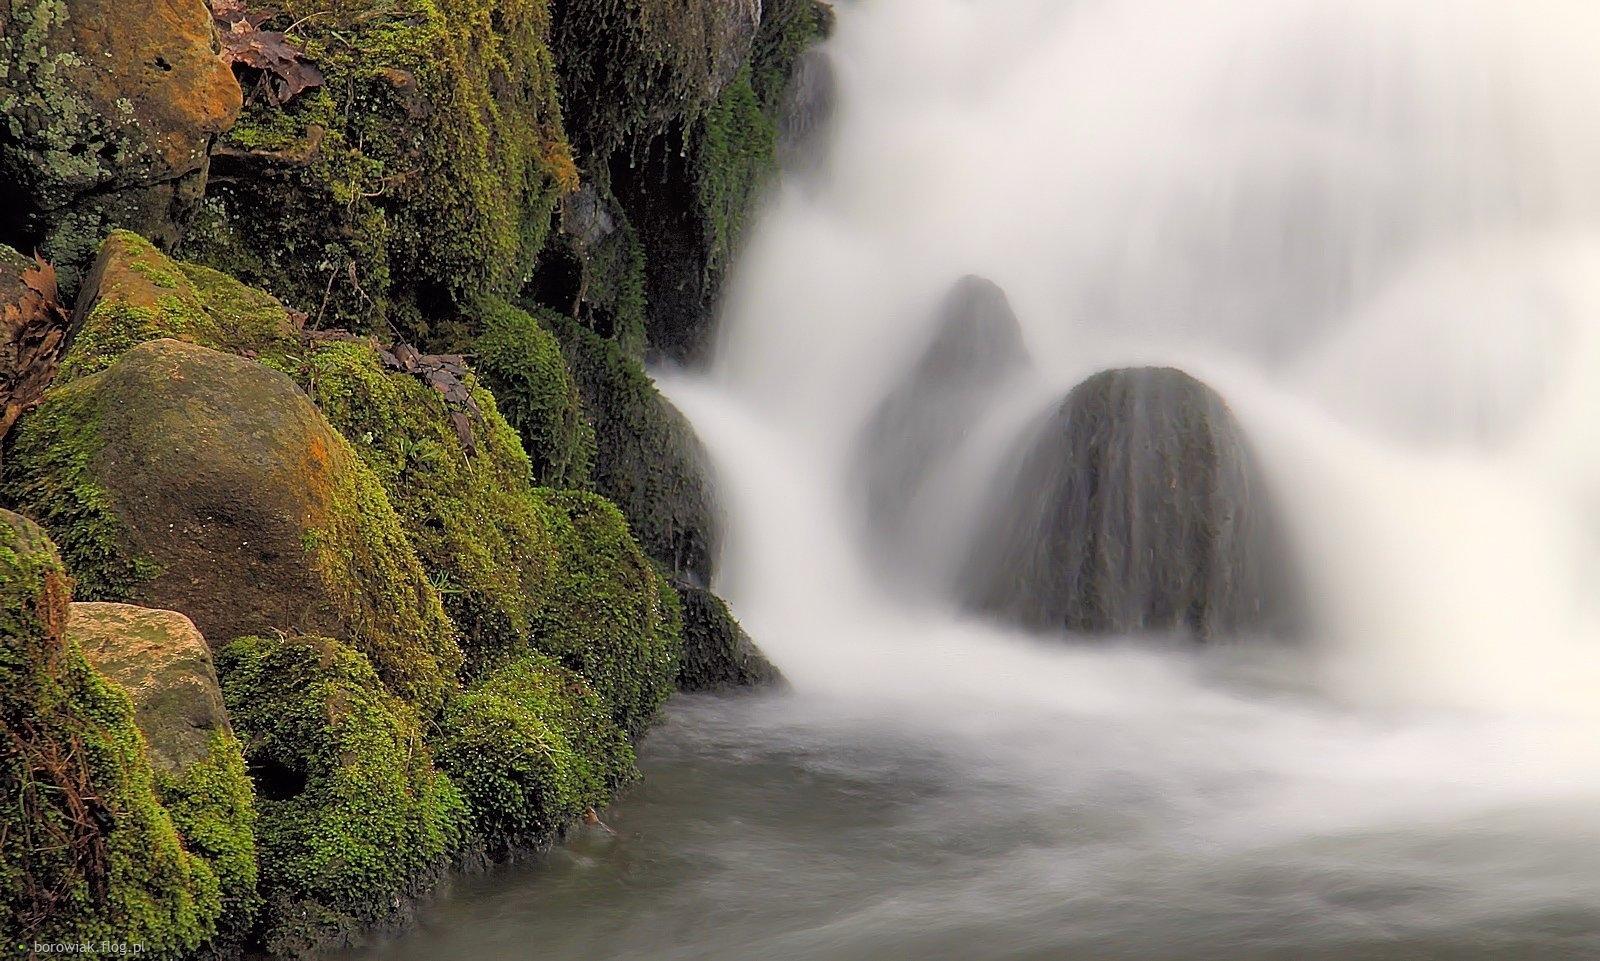 Woda jak to woda, płynie i szumi...